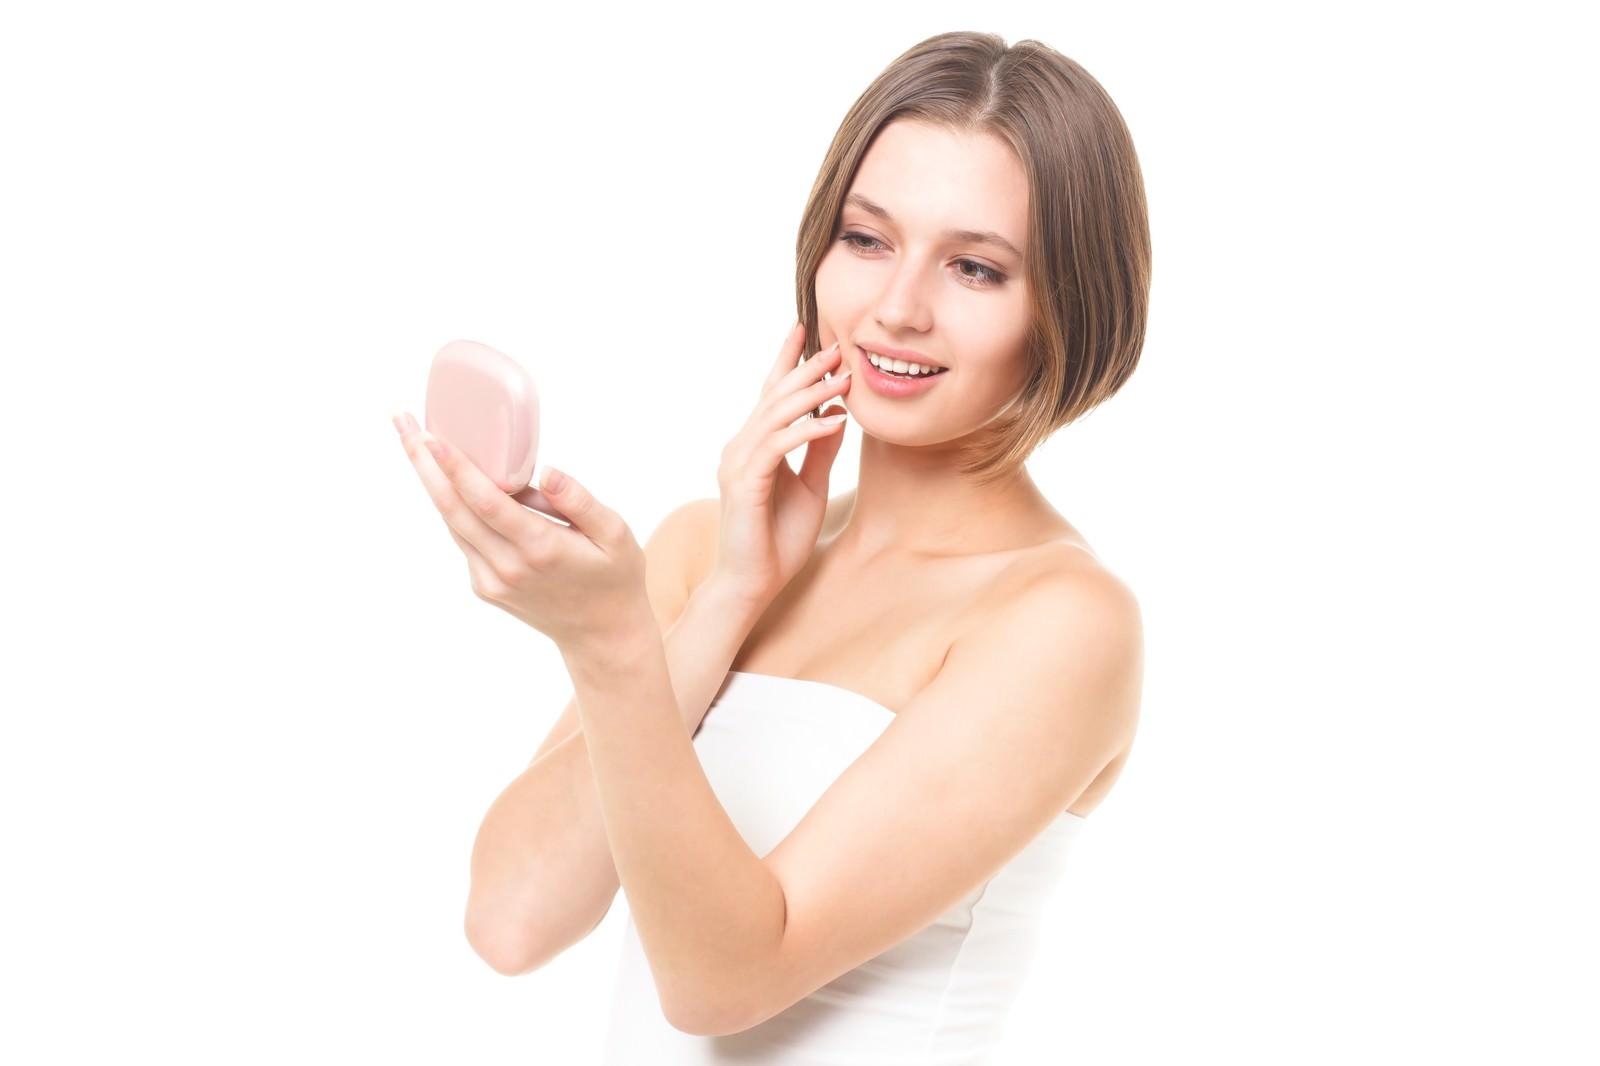 「肌の状態を確認するロシア人女性肌の状態を確認するロシア人女性」[モデル:モデルファクトリー]のフリー写真素材を拡大